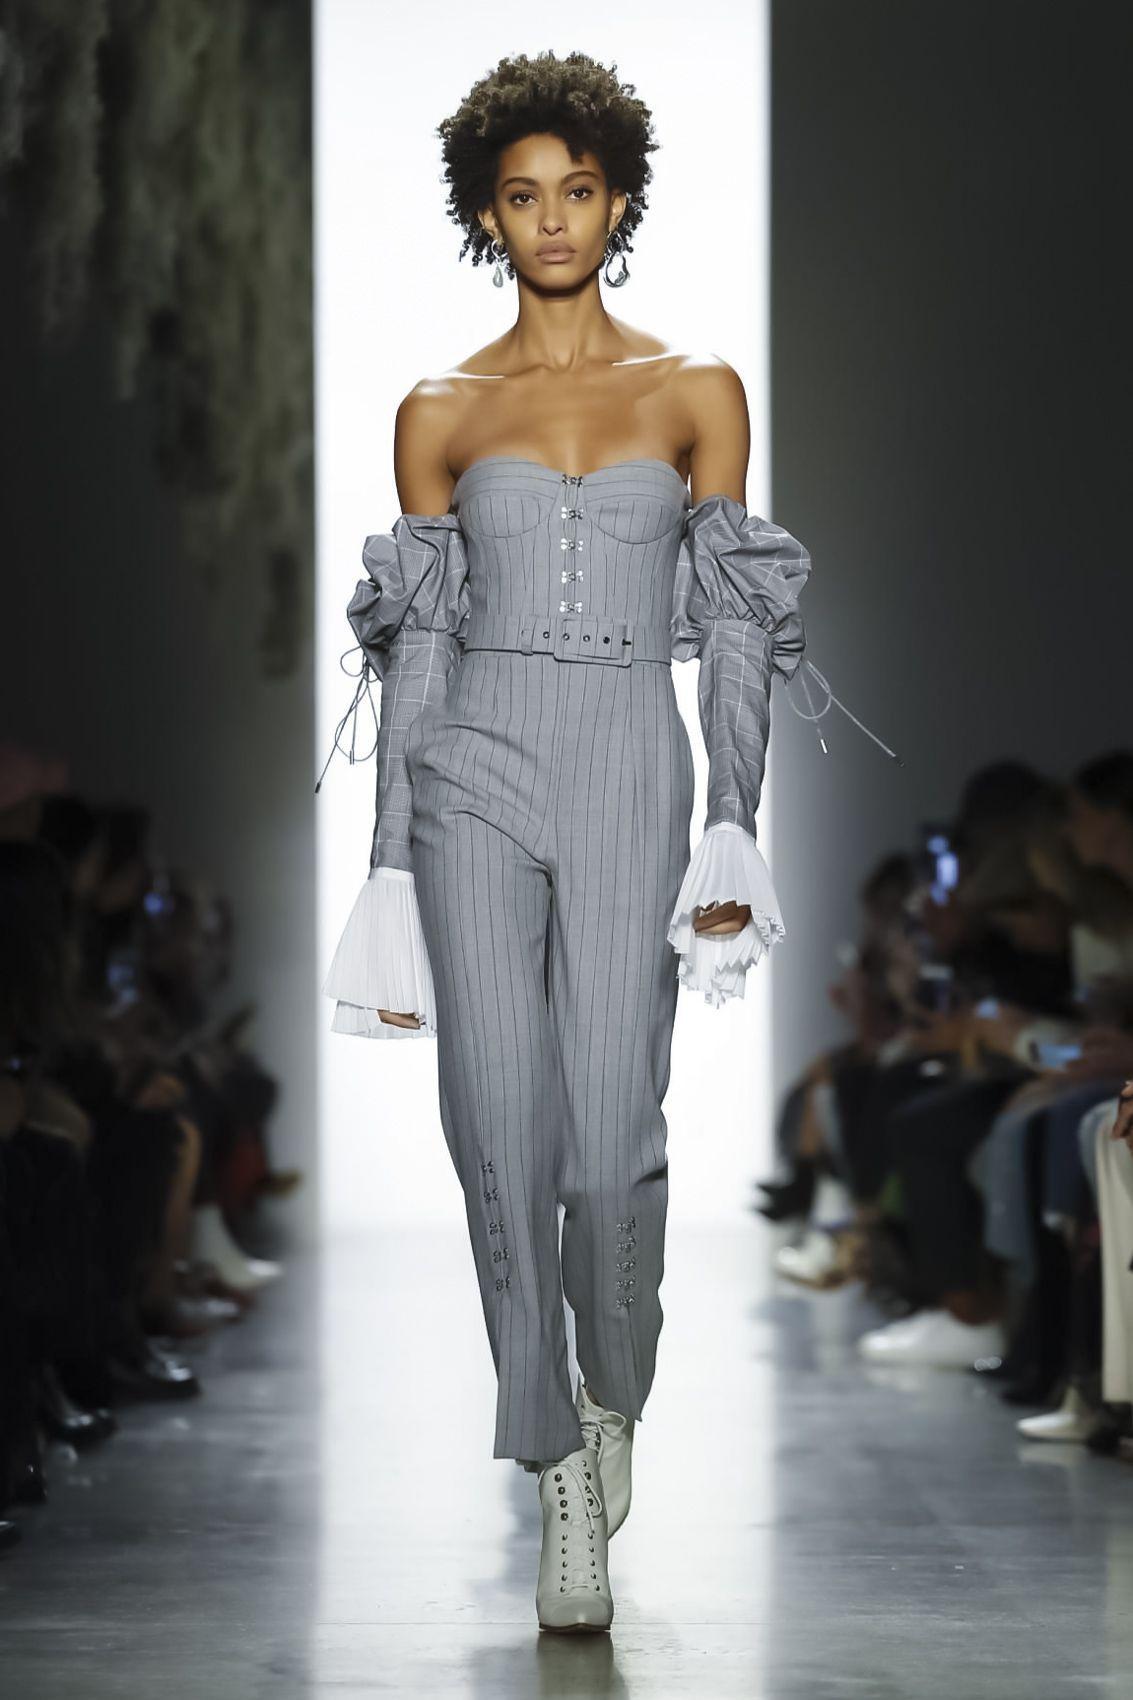 Jonathan Simkhai Ready To Wear Fall Winter 2018 New York -  O  - #ChristianDior #FALL #jonathan #ready #ReadyToWear #RunwayFashion #simkhai #Wear #winter #York #ZacPosen